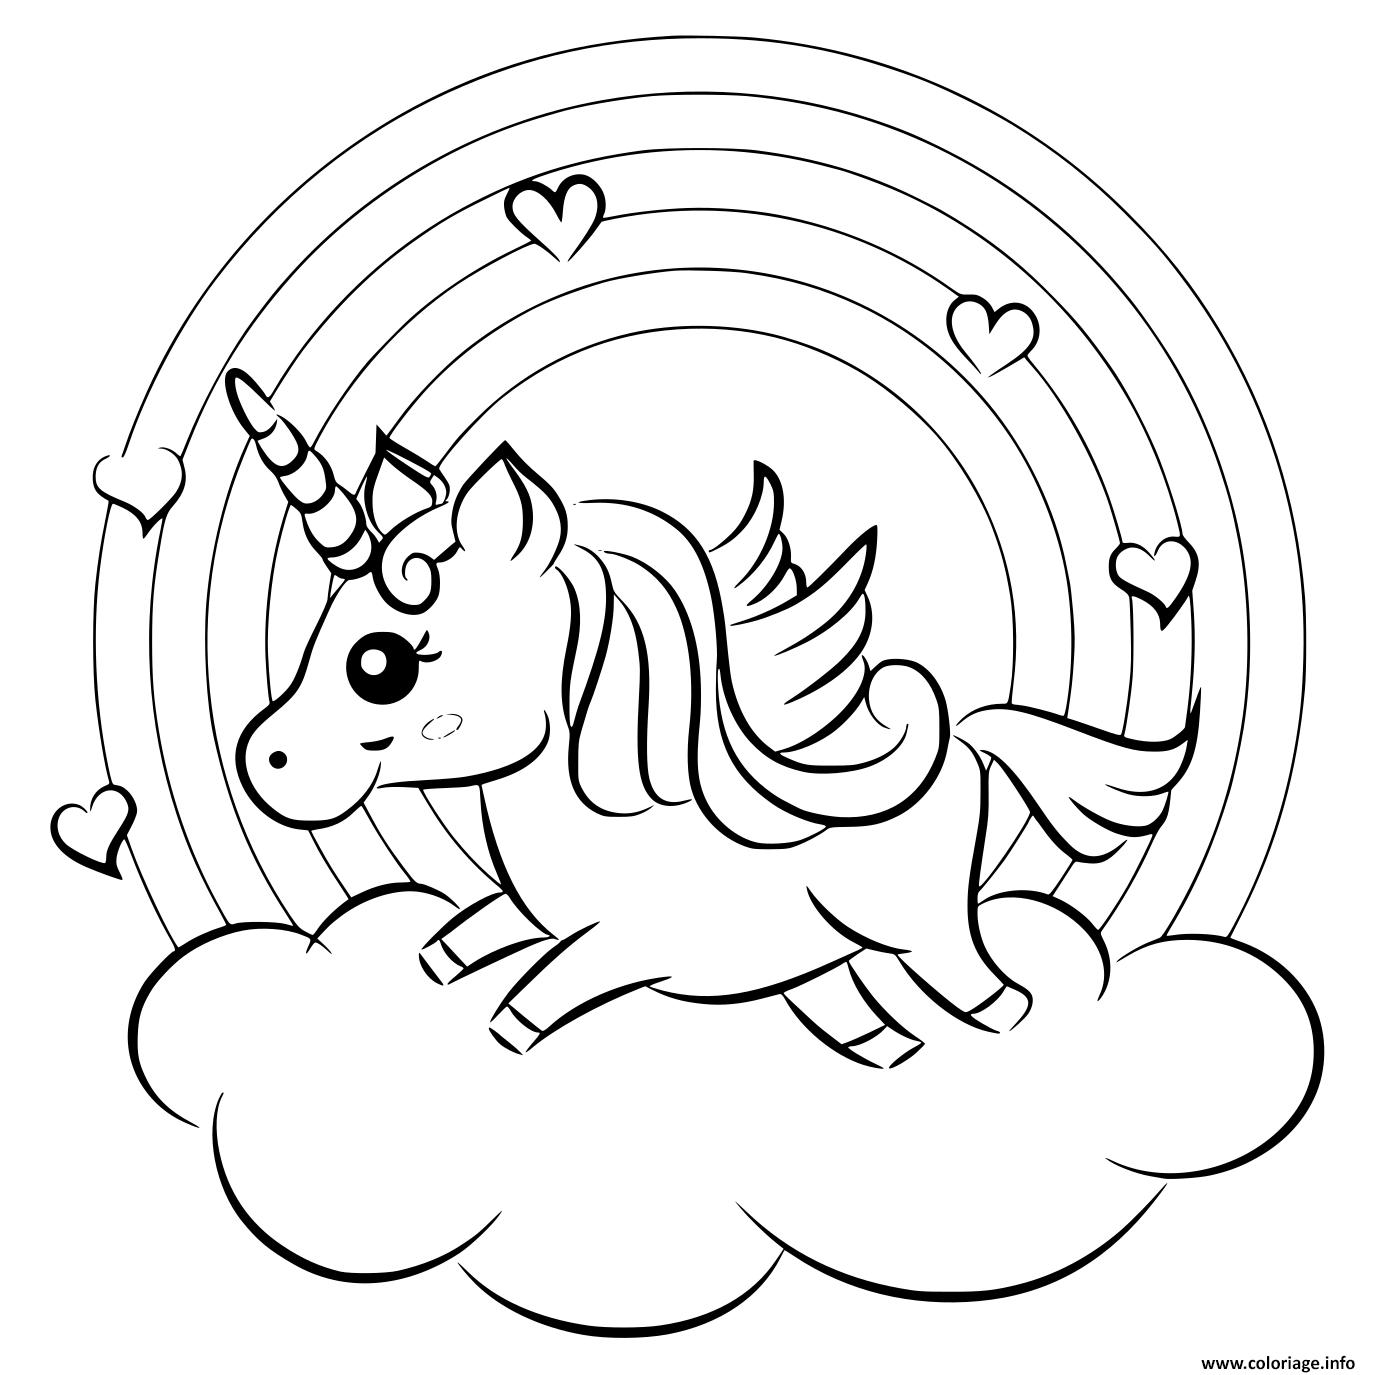 Coloriage arc en ciel avec une licorne sur un nuage ...